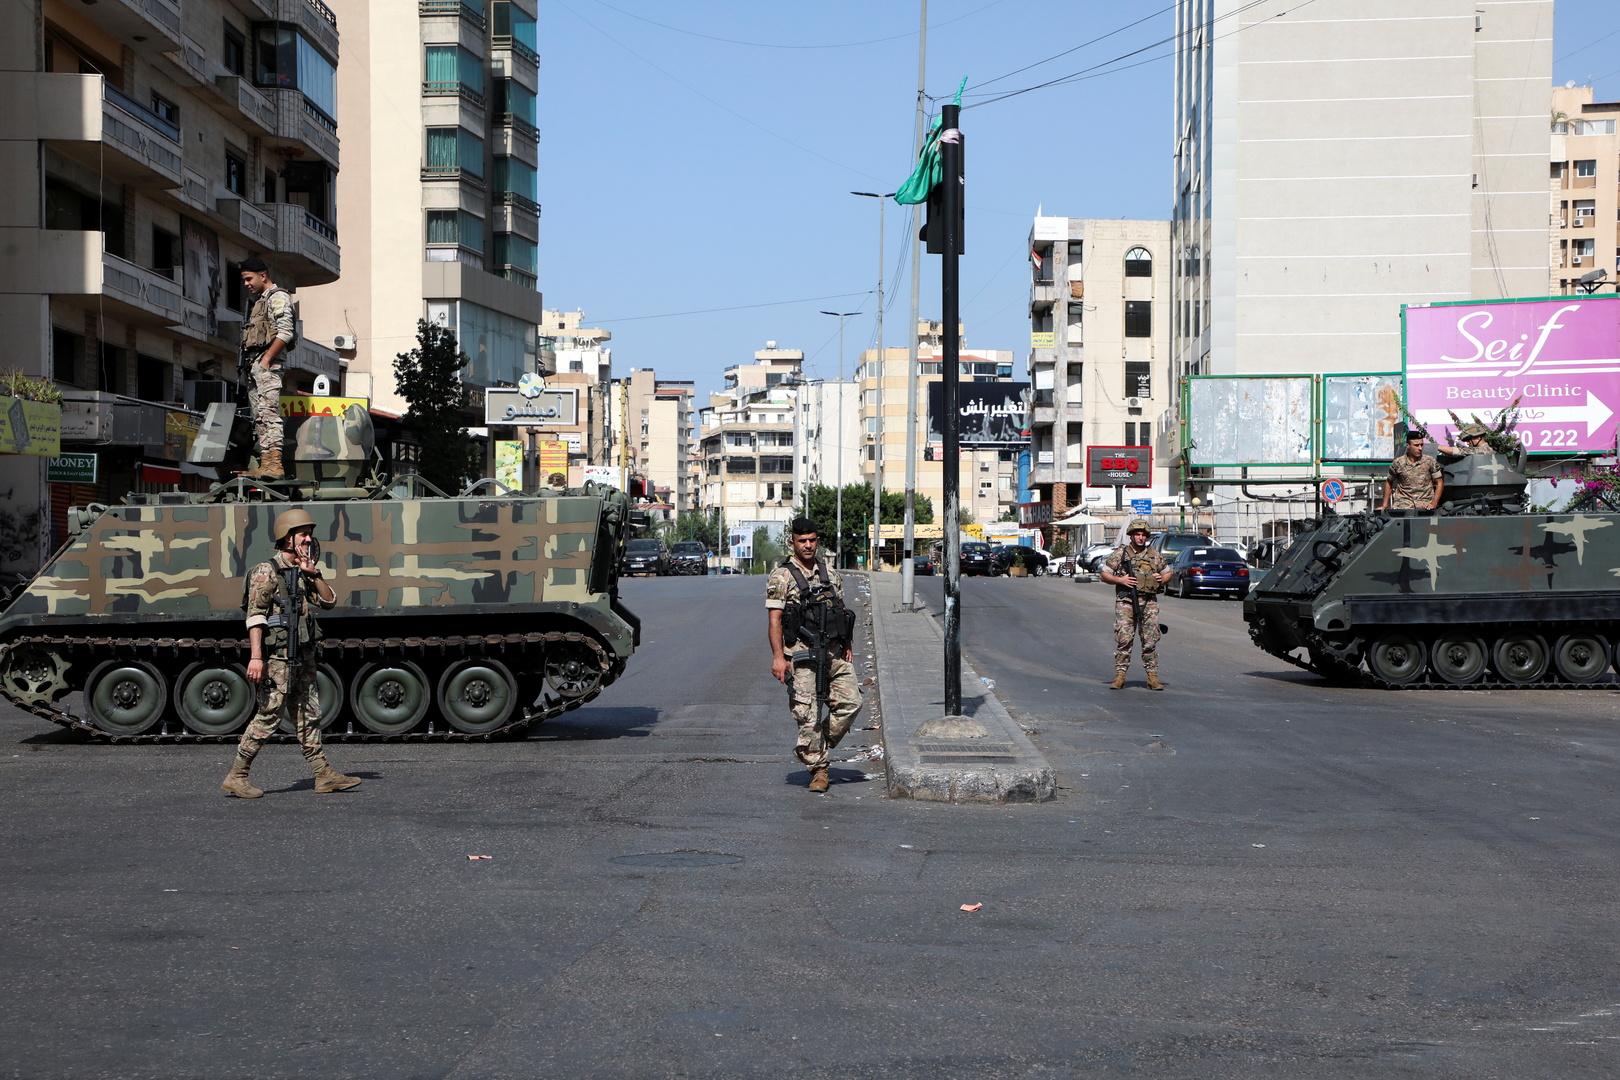 الاتحاد الأوروبي يحمل السياسيين في لبنان مسؤولية تطورات الأوضاع في البلاد